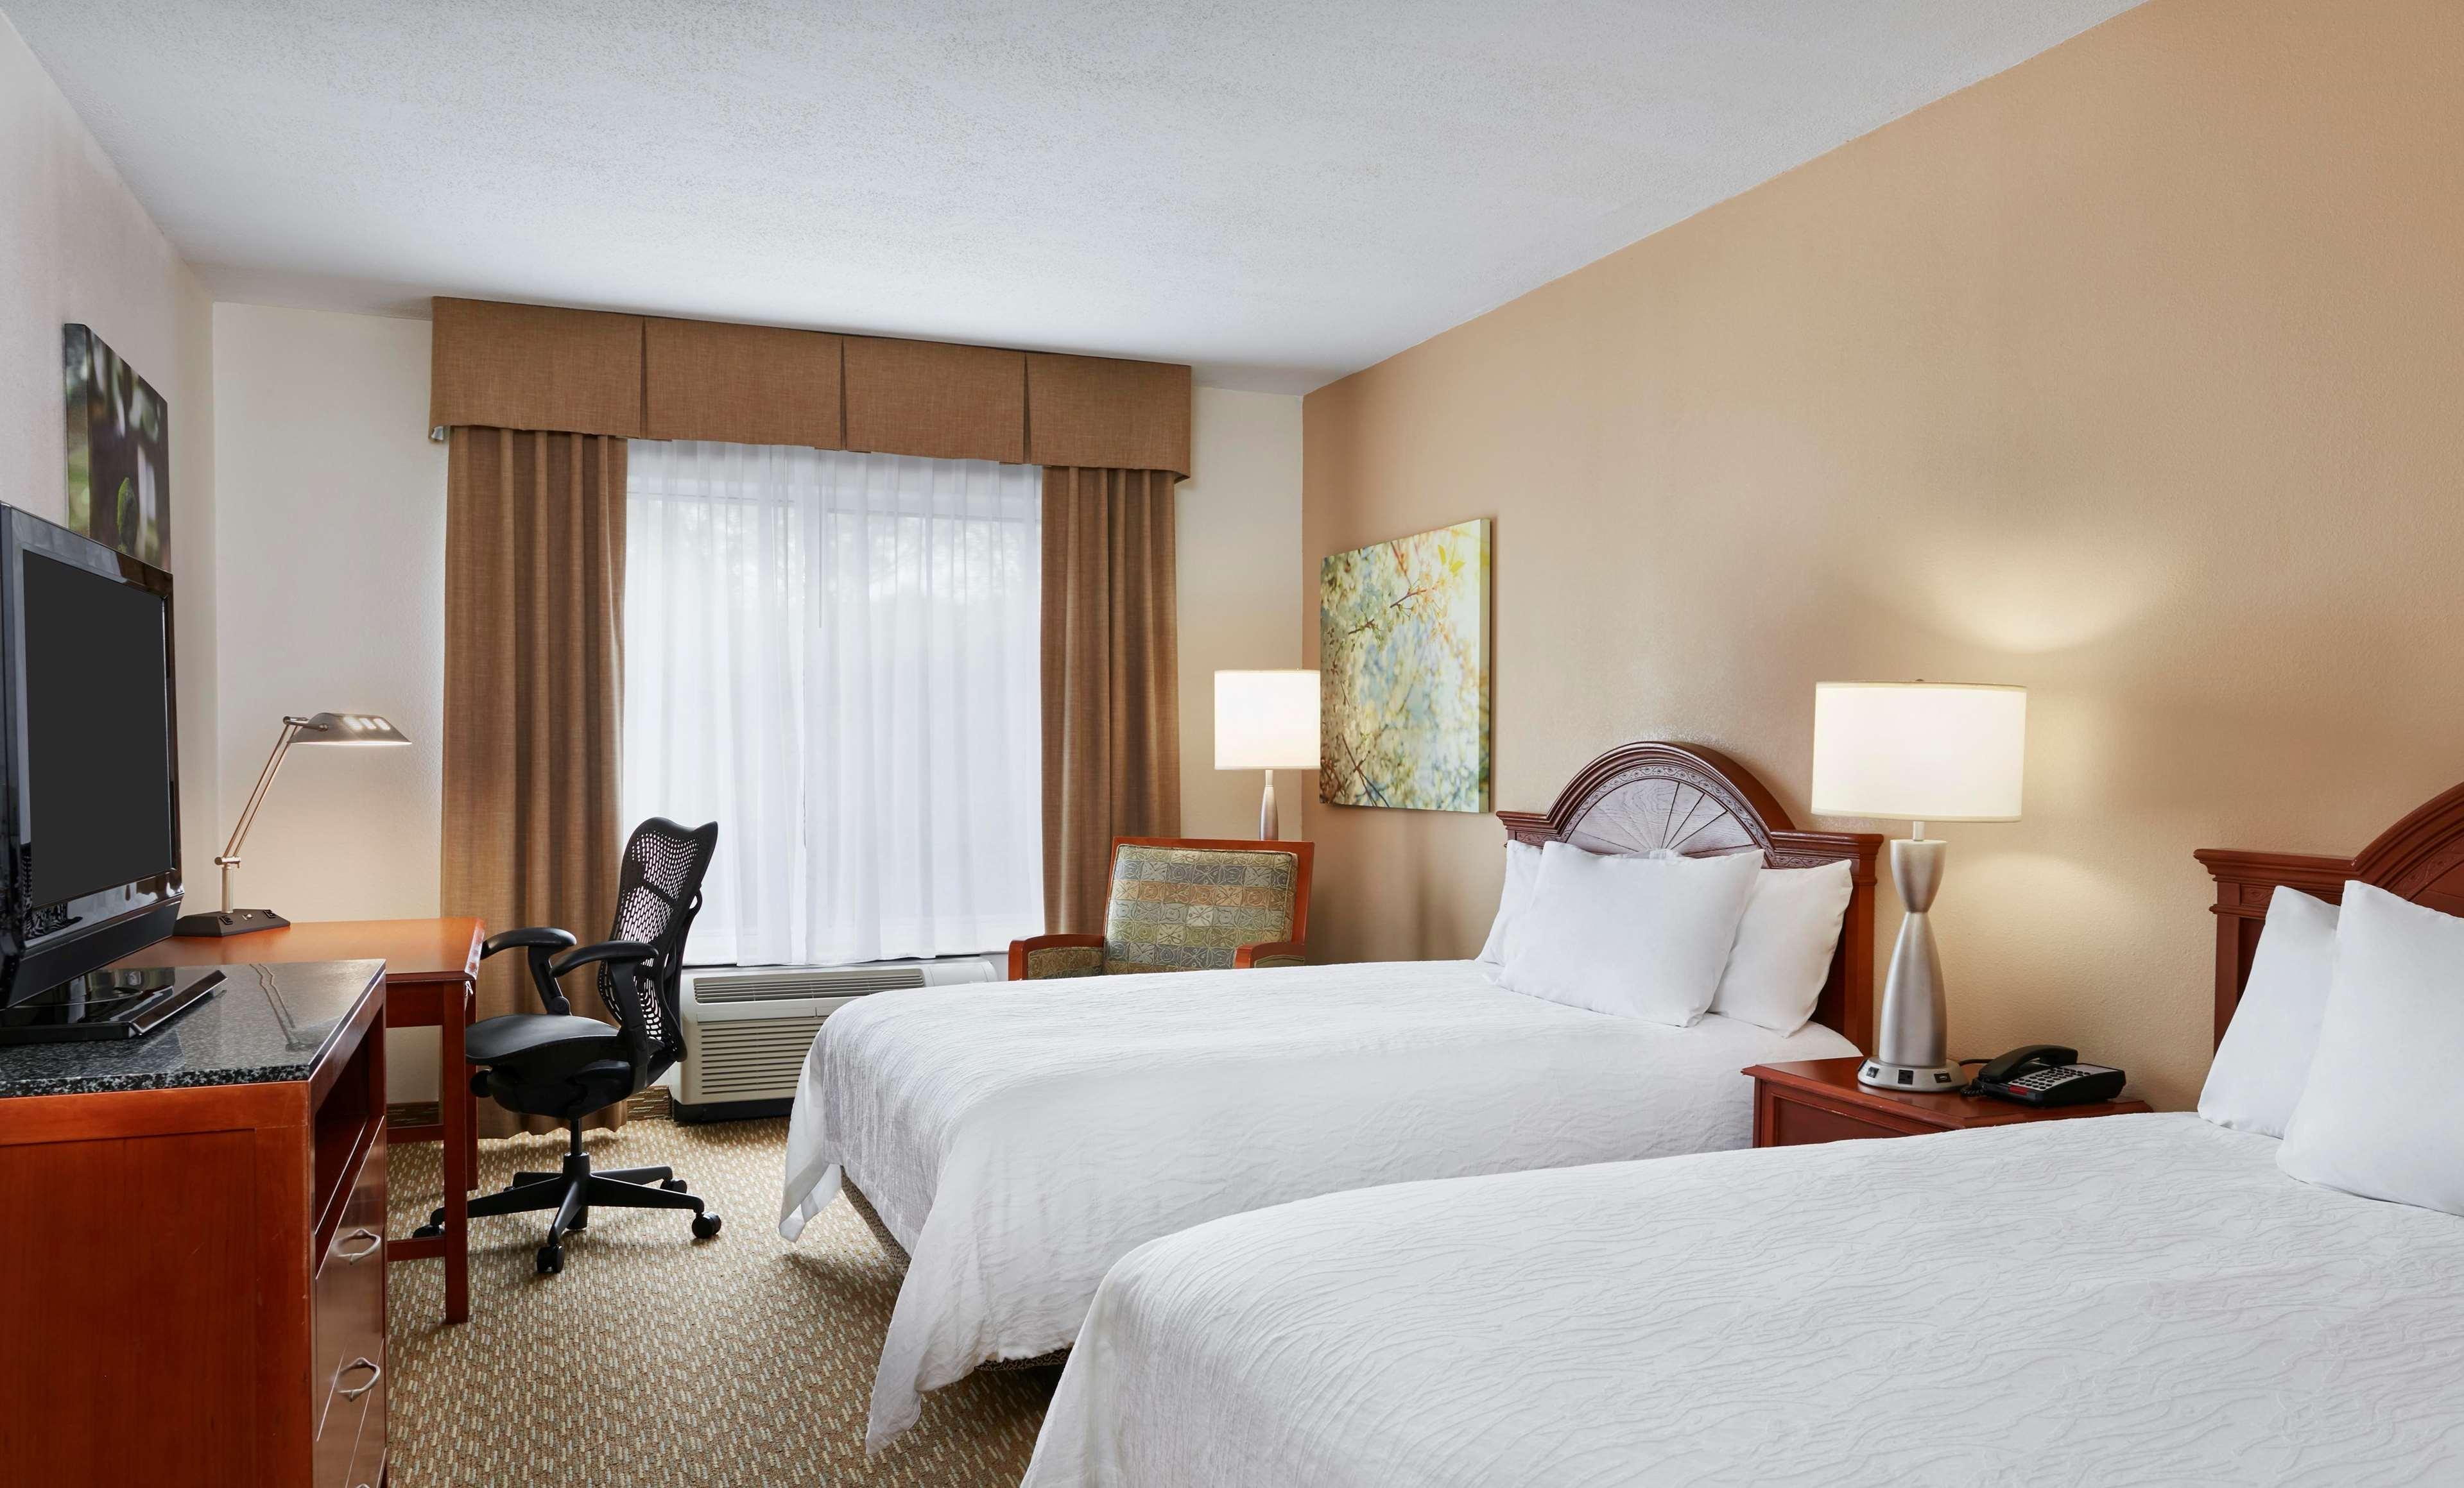 Hilton Garden Inn Charlotte Pineville Pineville North Carolina Nc